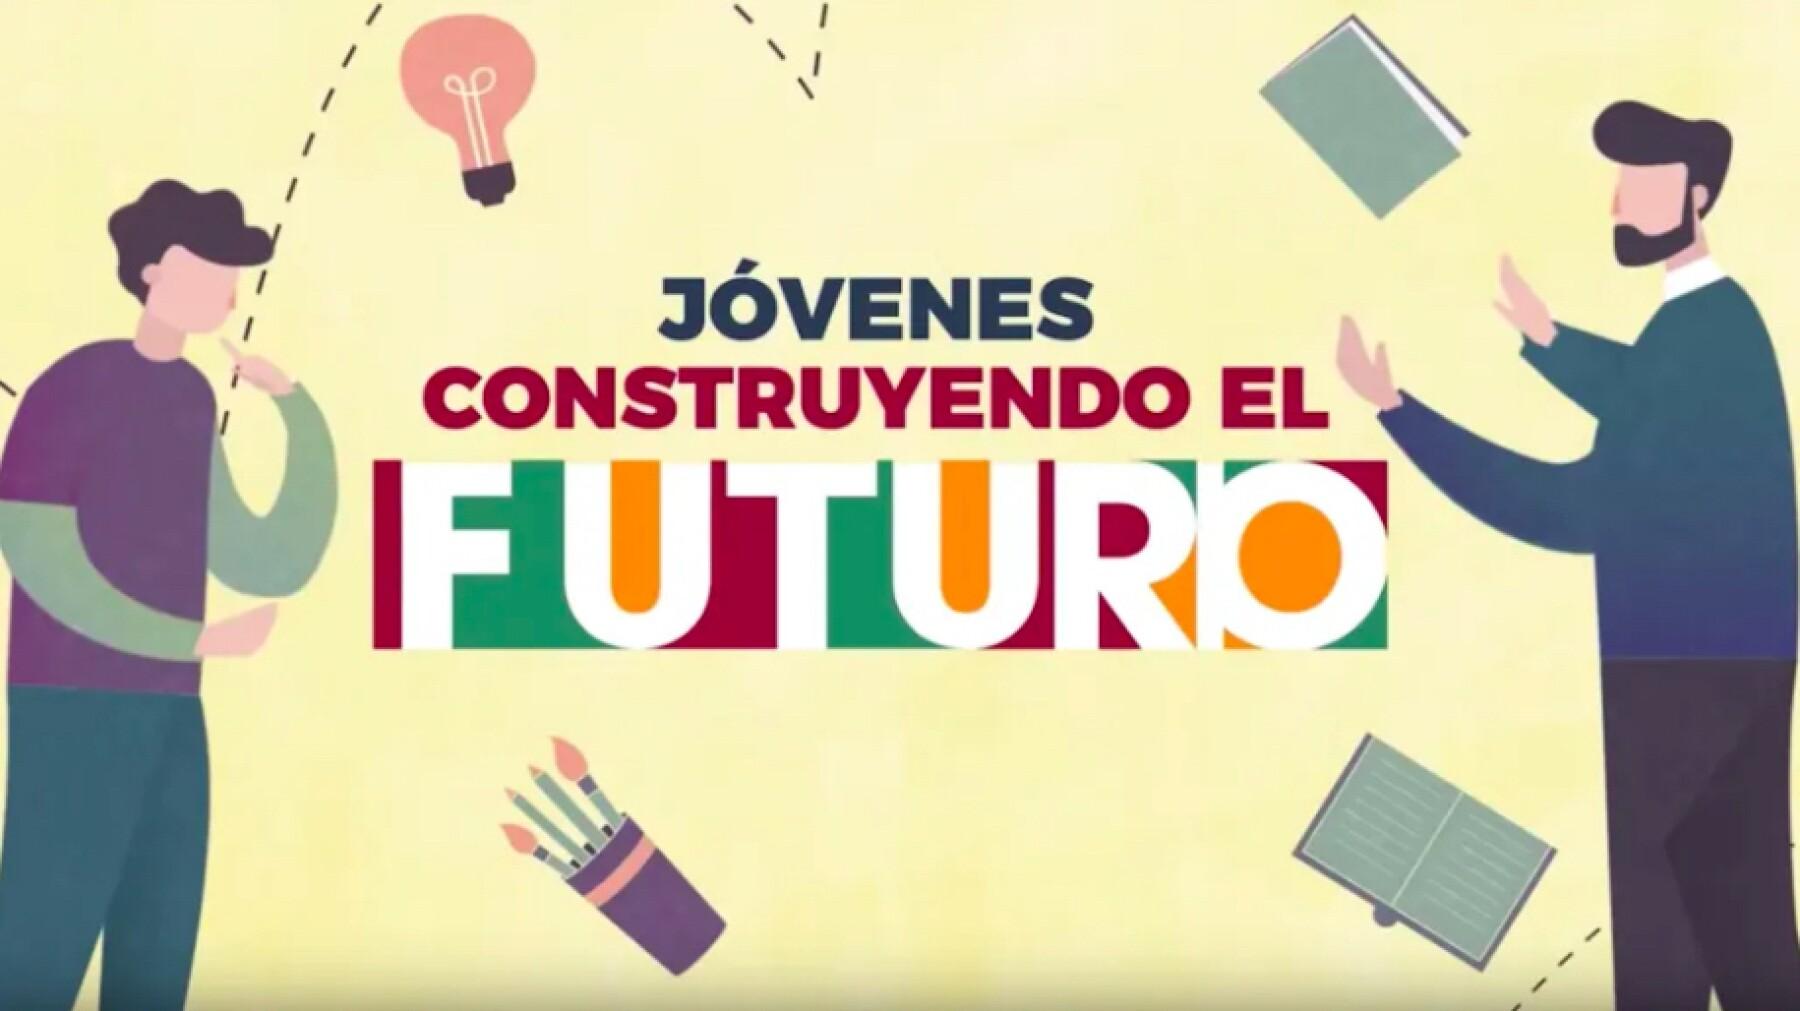 registrarse-a-jovenes-construyendo-el-futuro.jpg